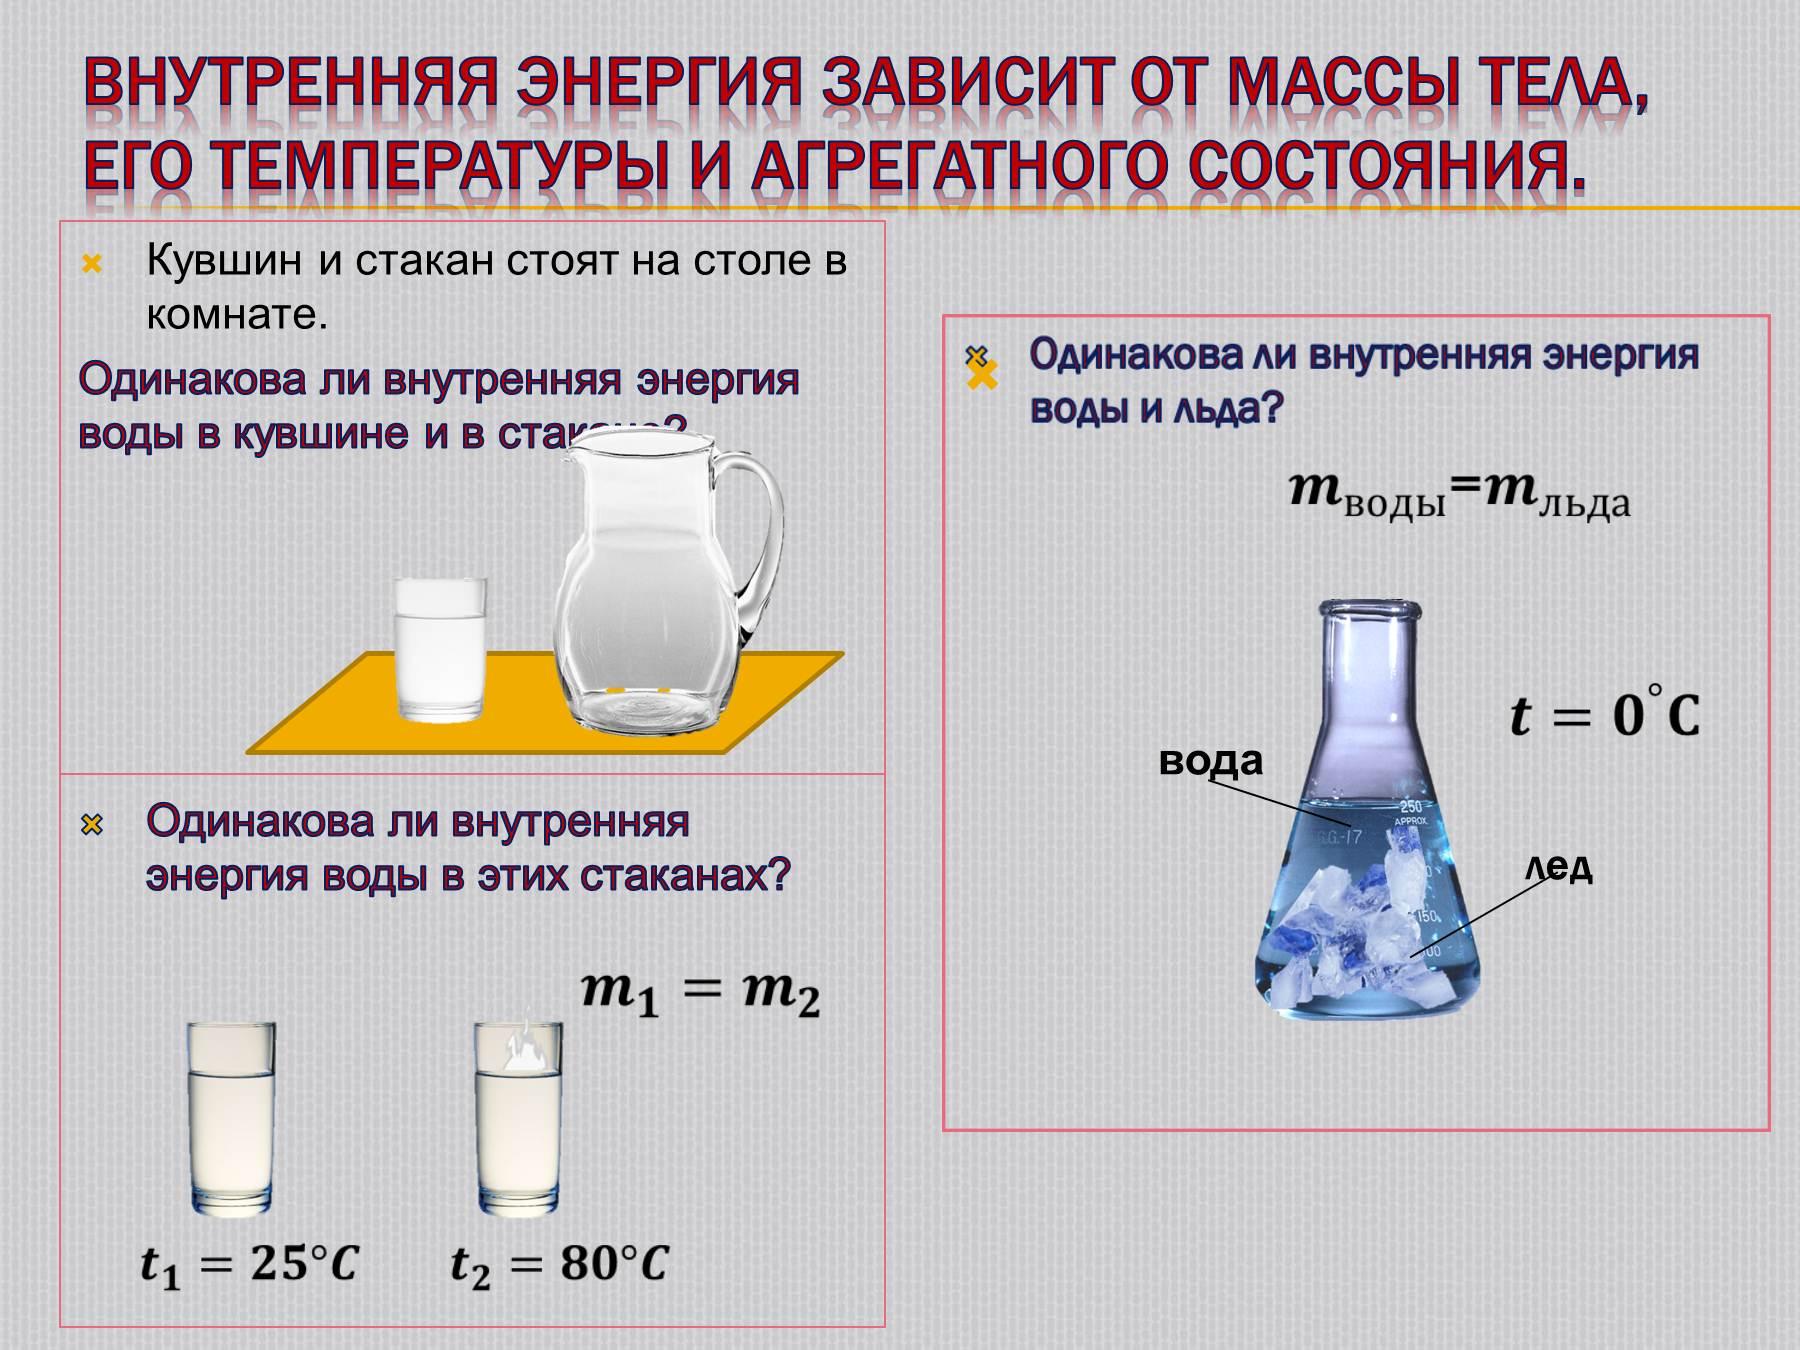 Чему будет равна температура системы в состоянии теплового равновесия